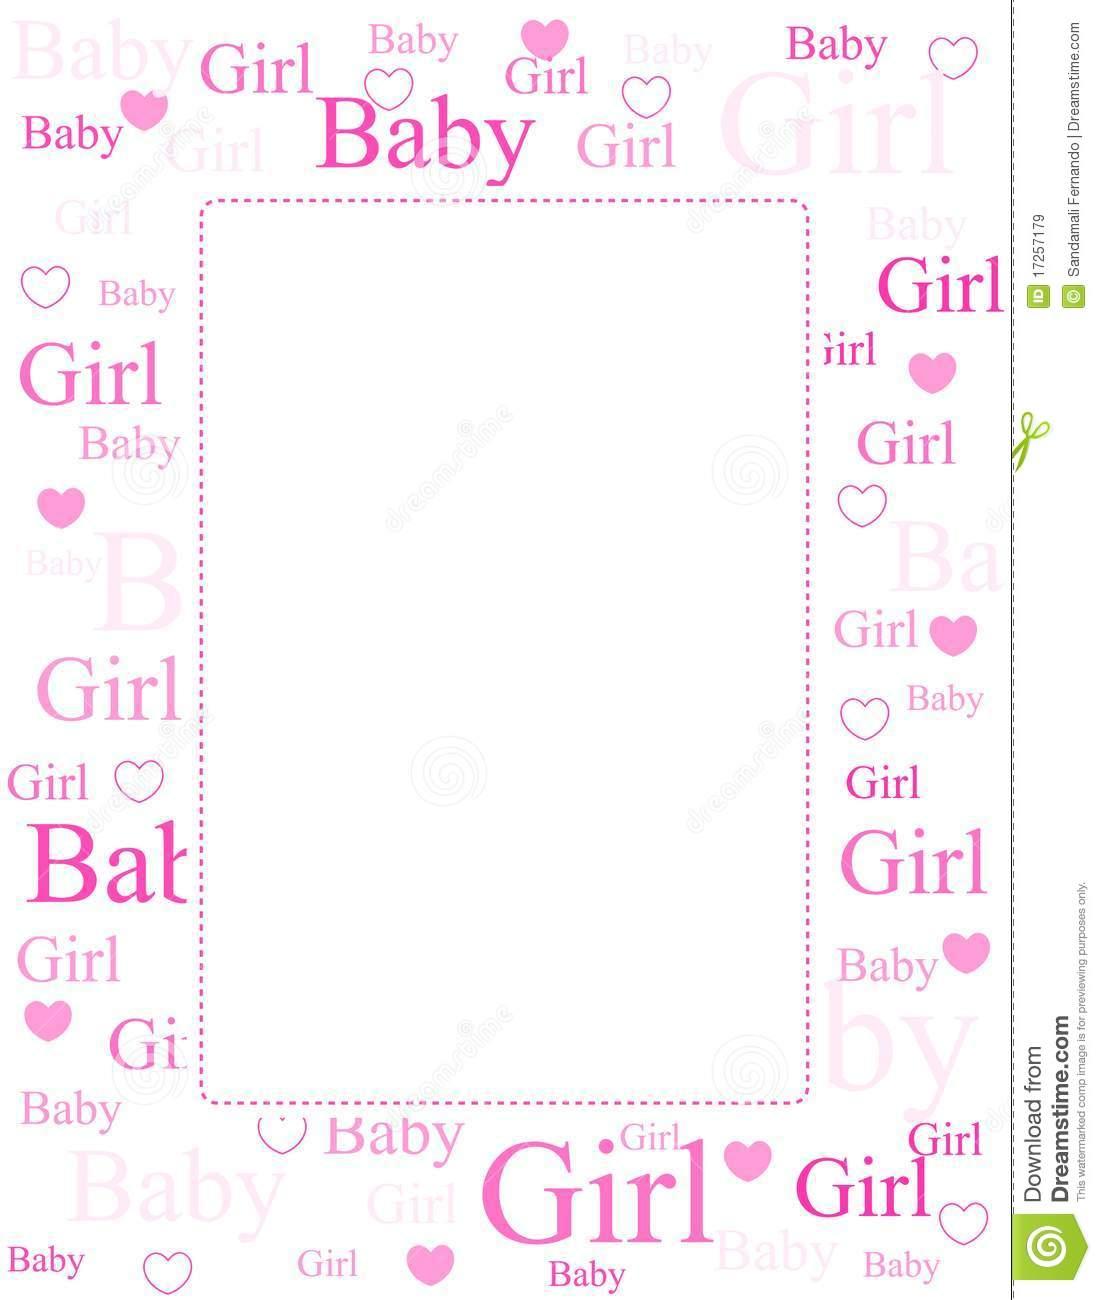 Baby girl clipart border jpg transparent download Baby girl border clipart free - ClipartFest jpg transparent download